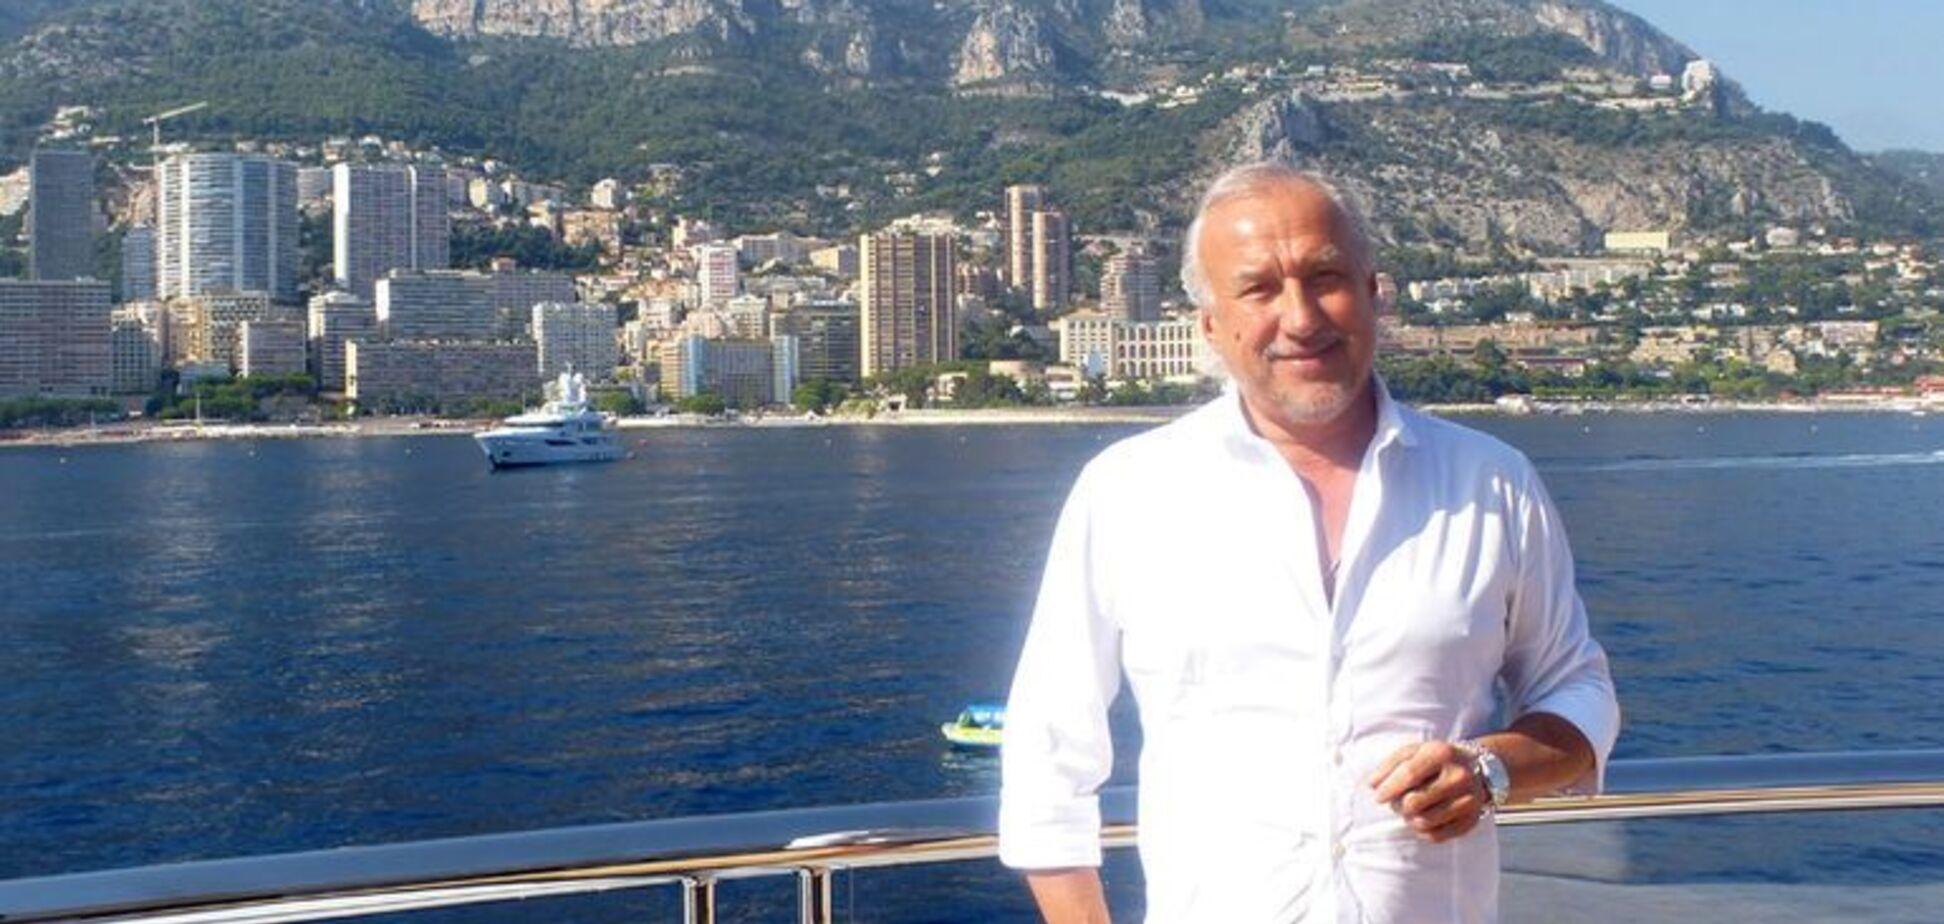 Суд у Києві дозволив заарештувати спонсора ФК 'Монако': в чому справа